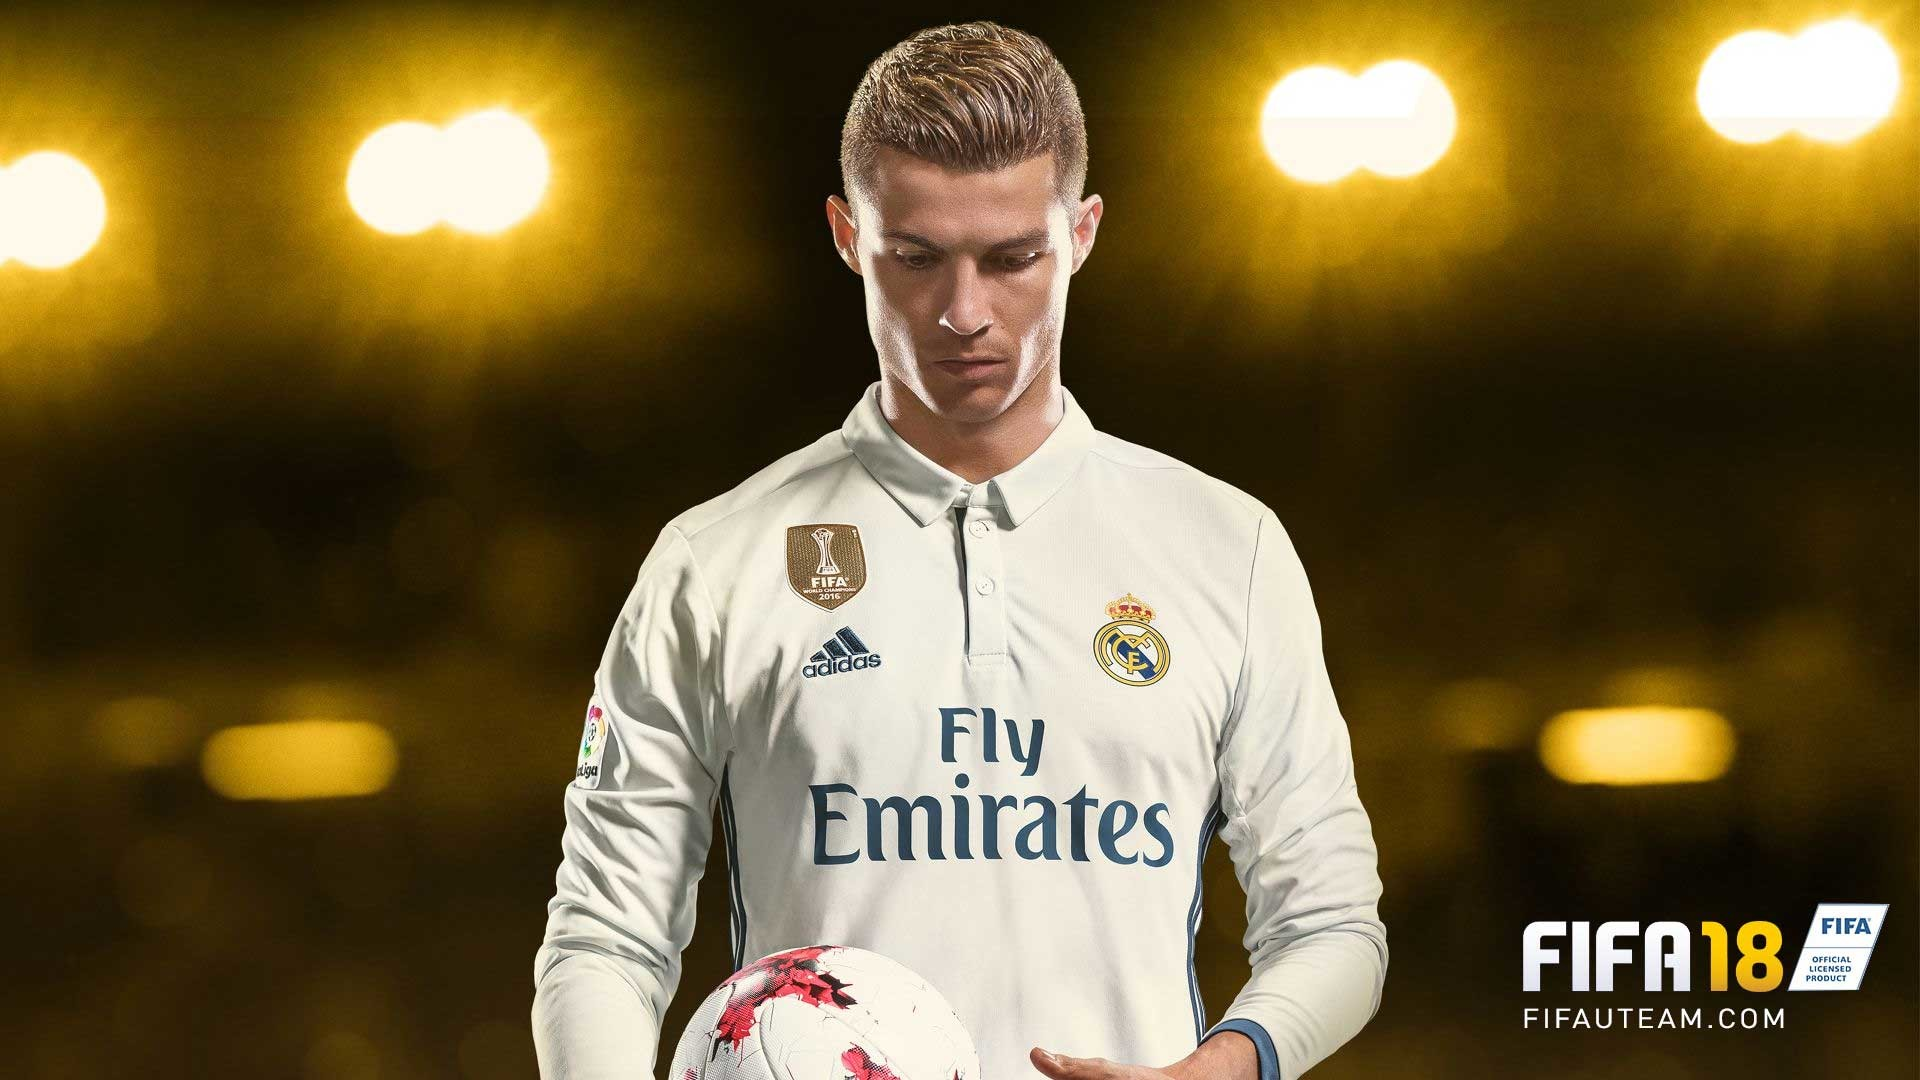 FIFA 2018 Cristiano Ronaldo Wallpaper